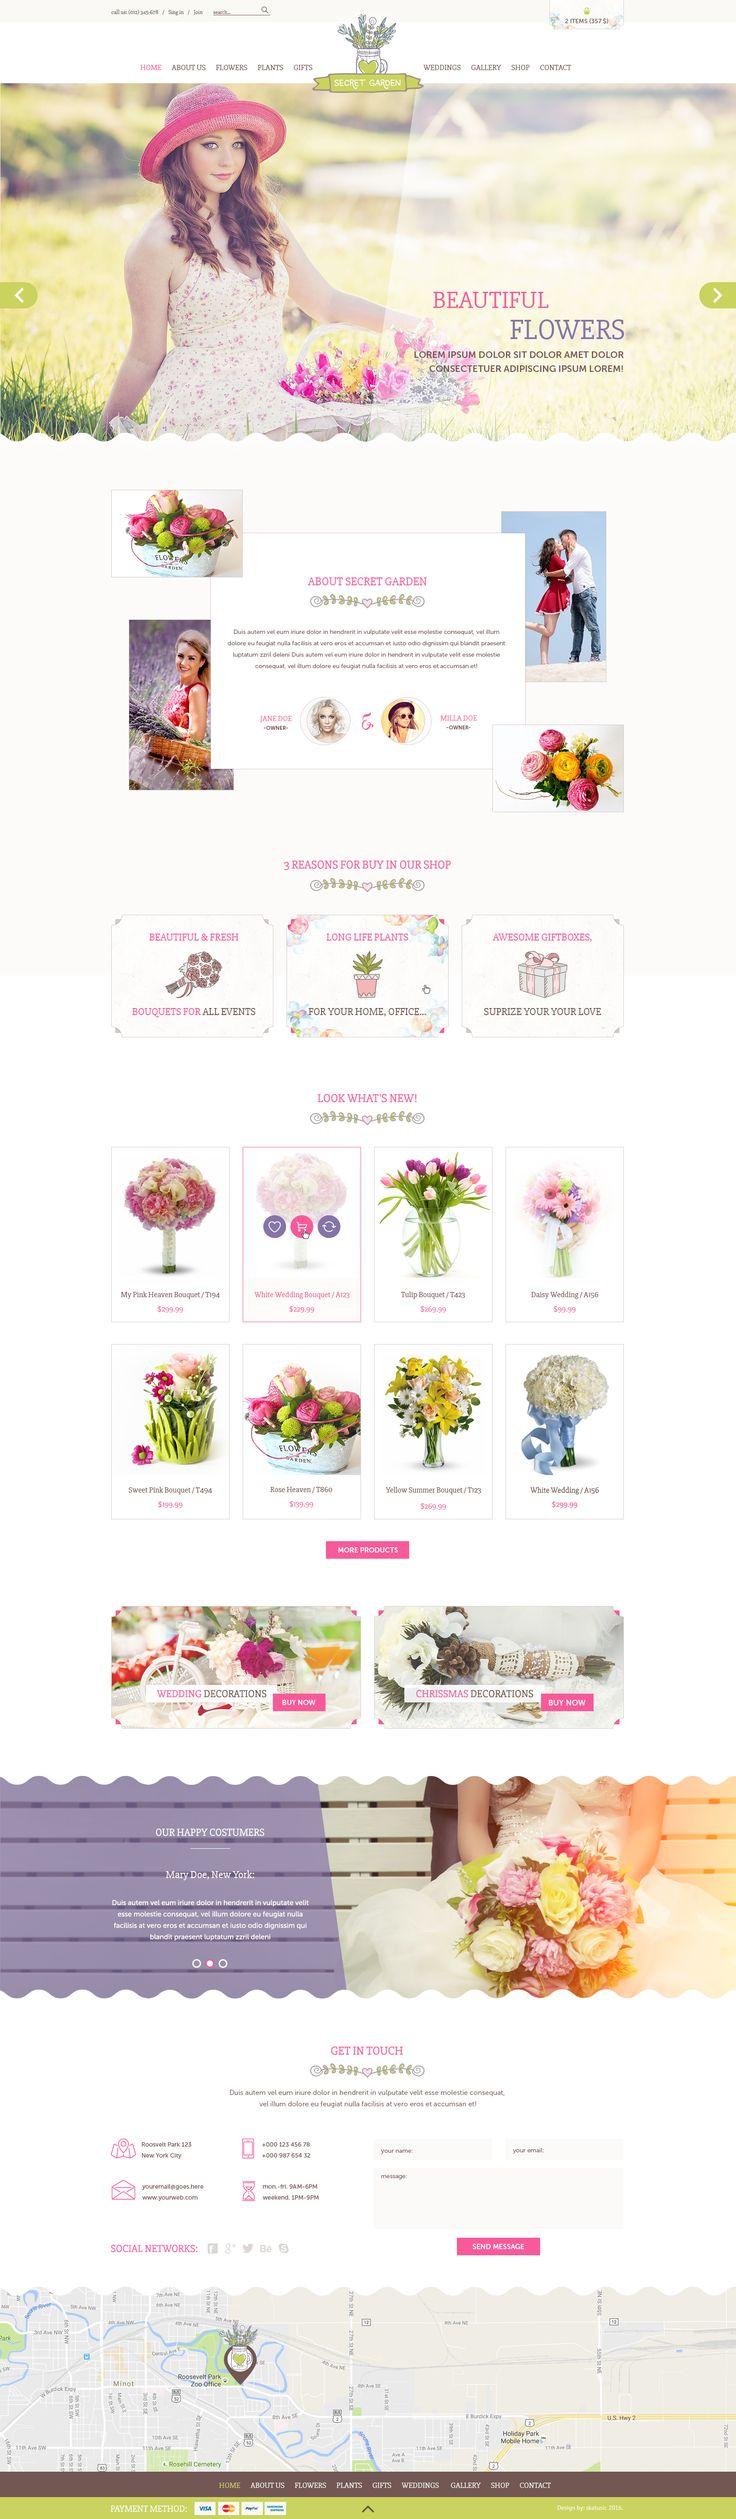 best flower shop images on pinterest design websites site